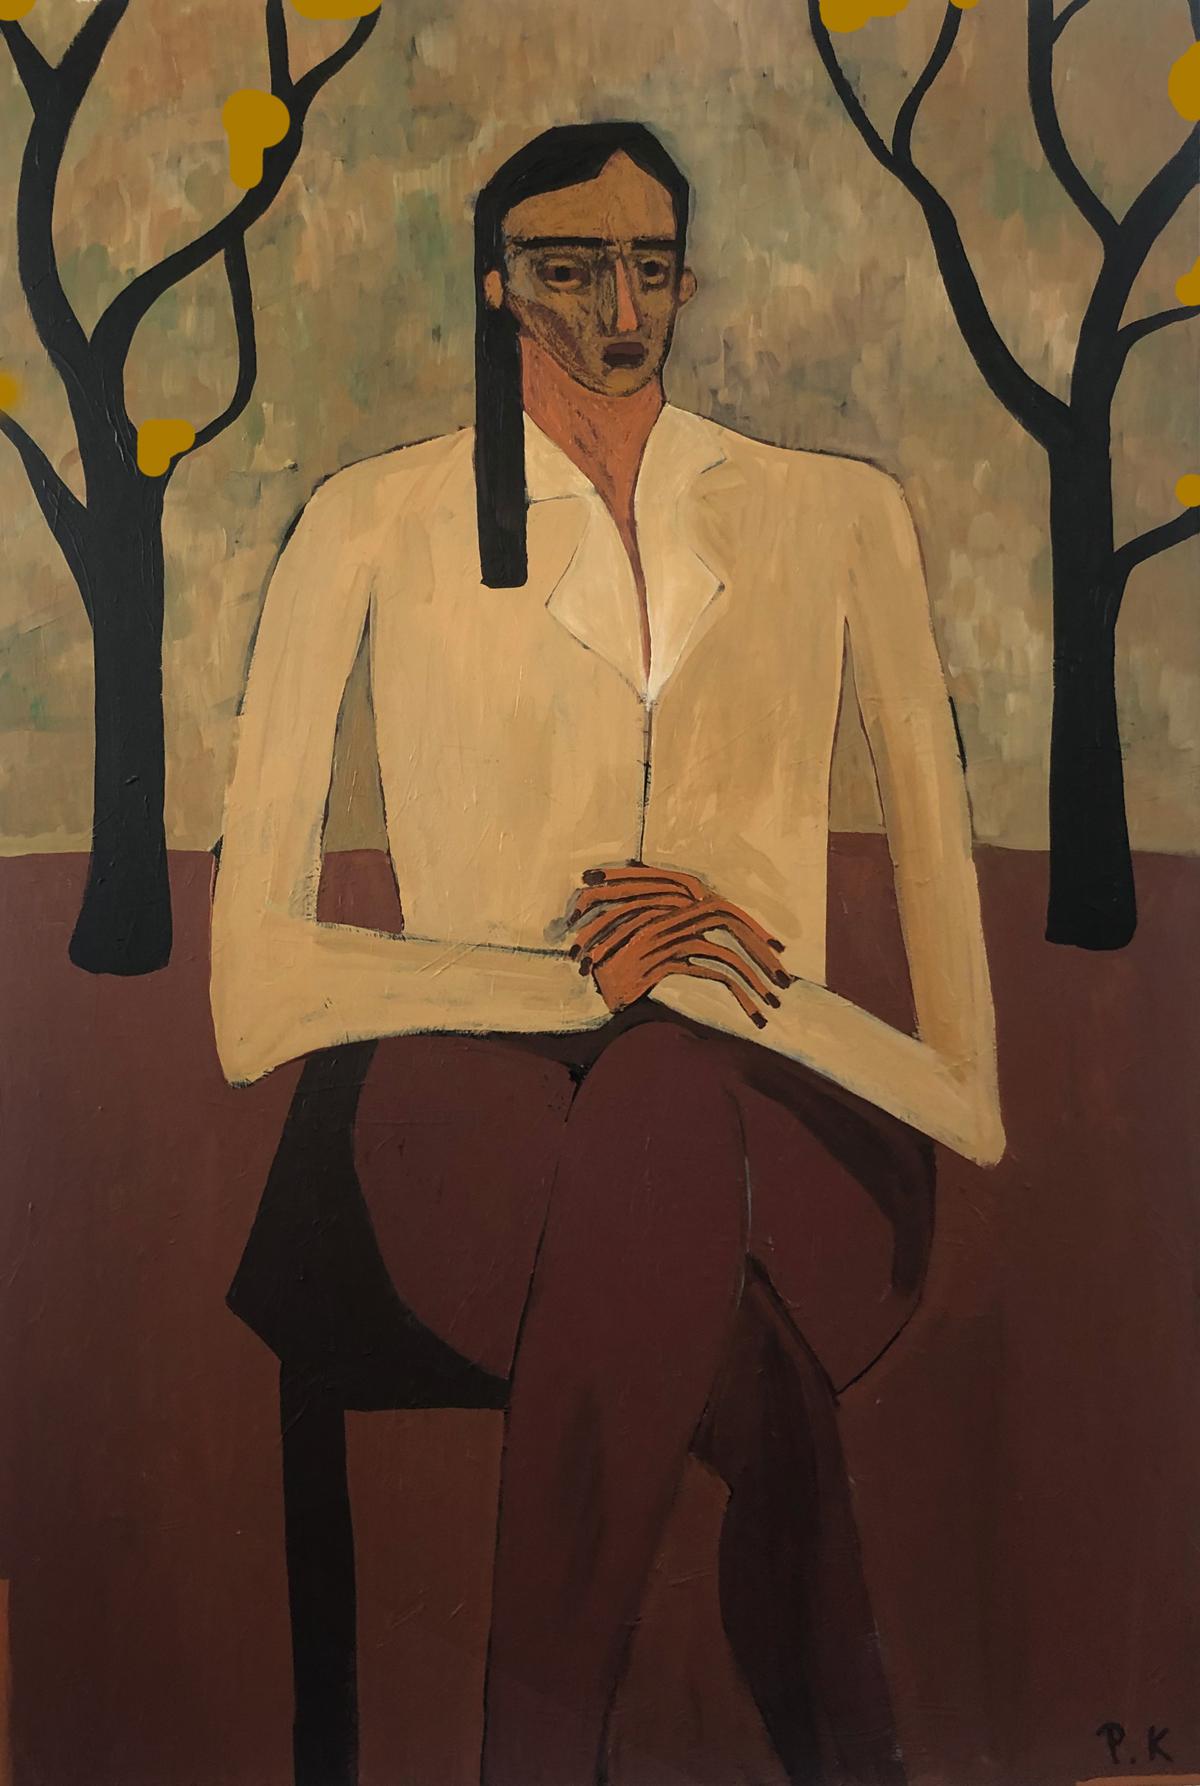 period Self-portrait #3 - Peggy Kuiper - peggykuiper.com